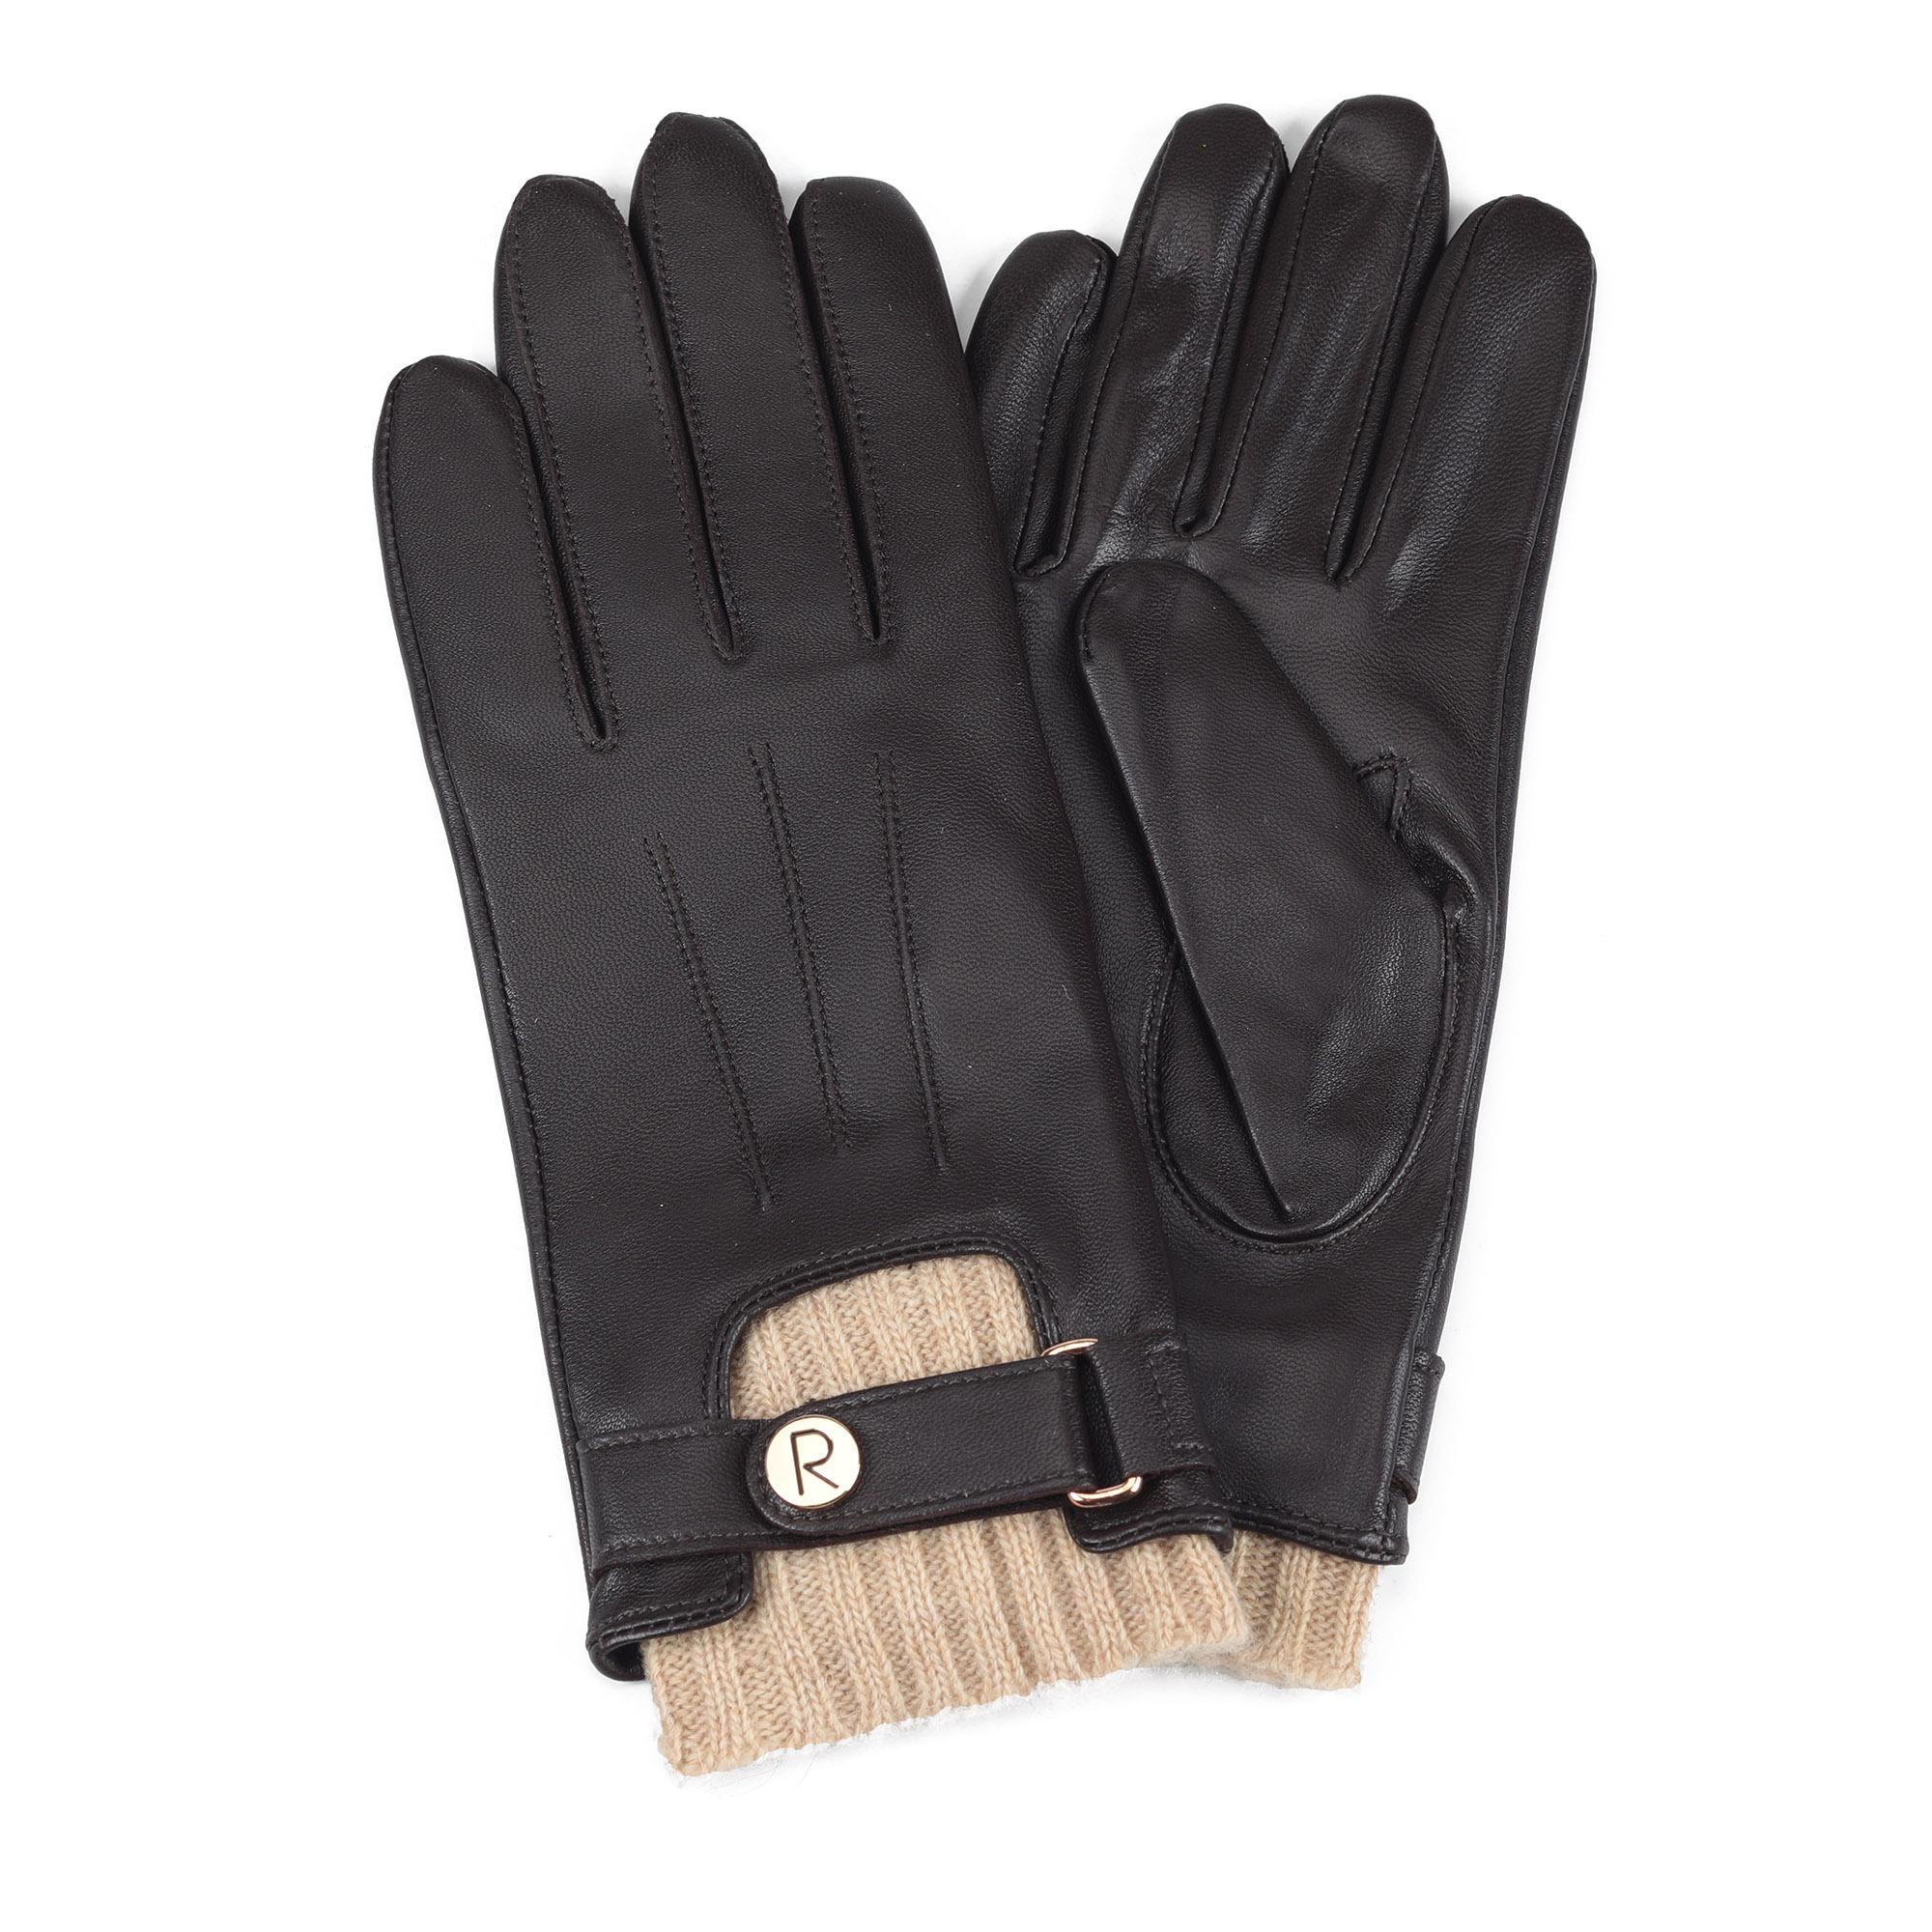 Размер 6.5, кожаные коричневые перчатки